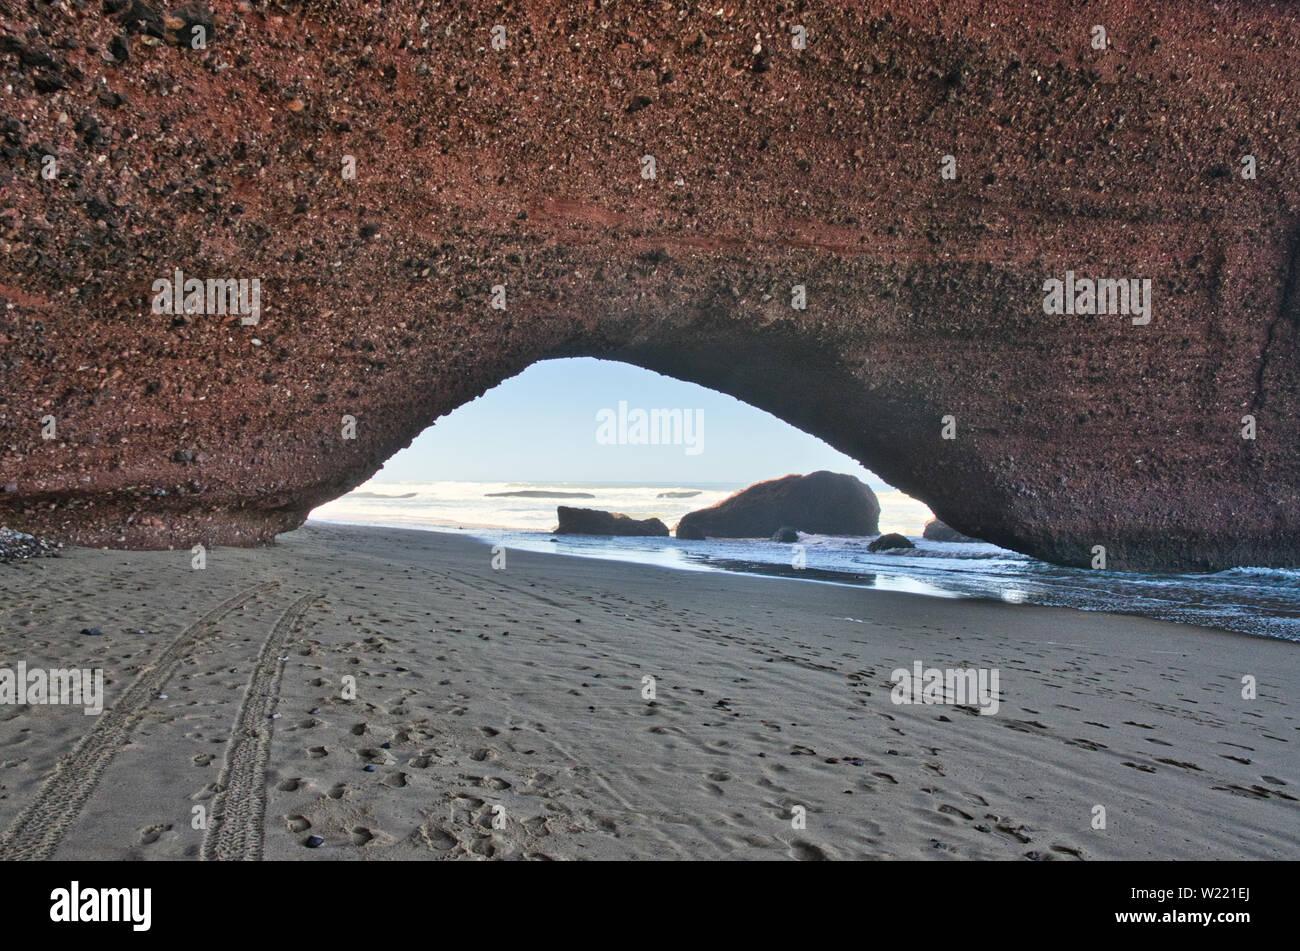 Red Rock formation avec arch sur la plage, plage Sidi Ifni, Maroc, Afrique Banque D'Images